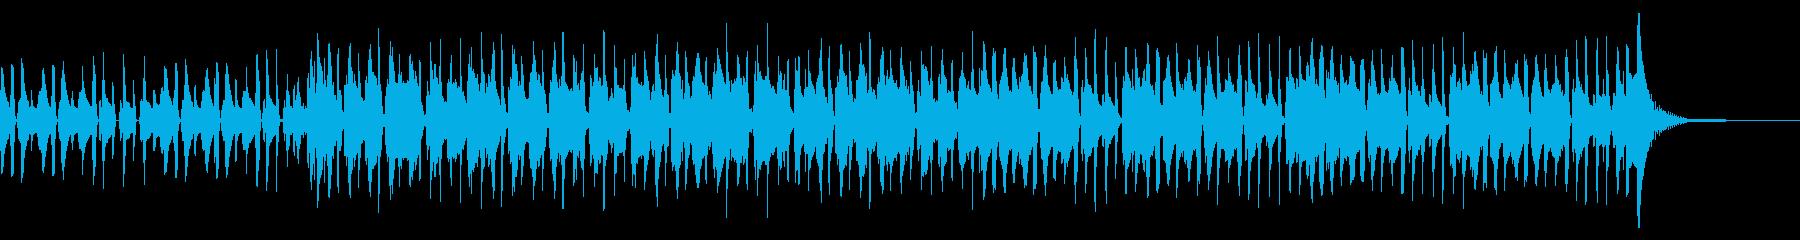 口笛とギターソロが印象的なハワイアンの再生済みの波形